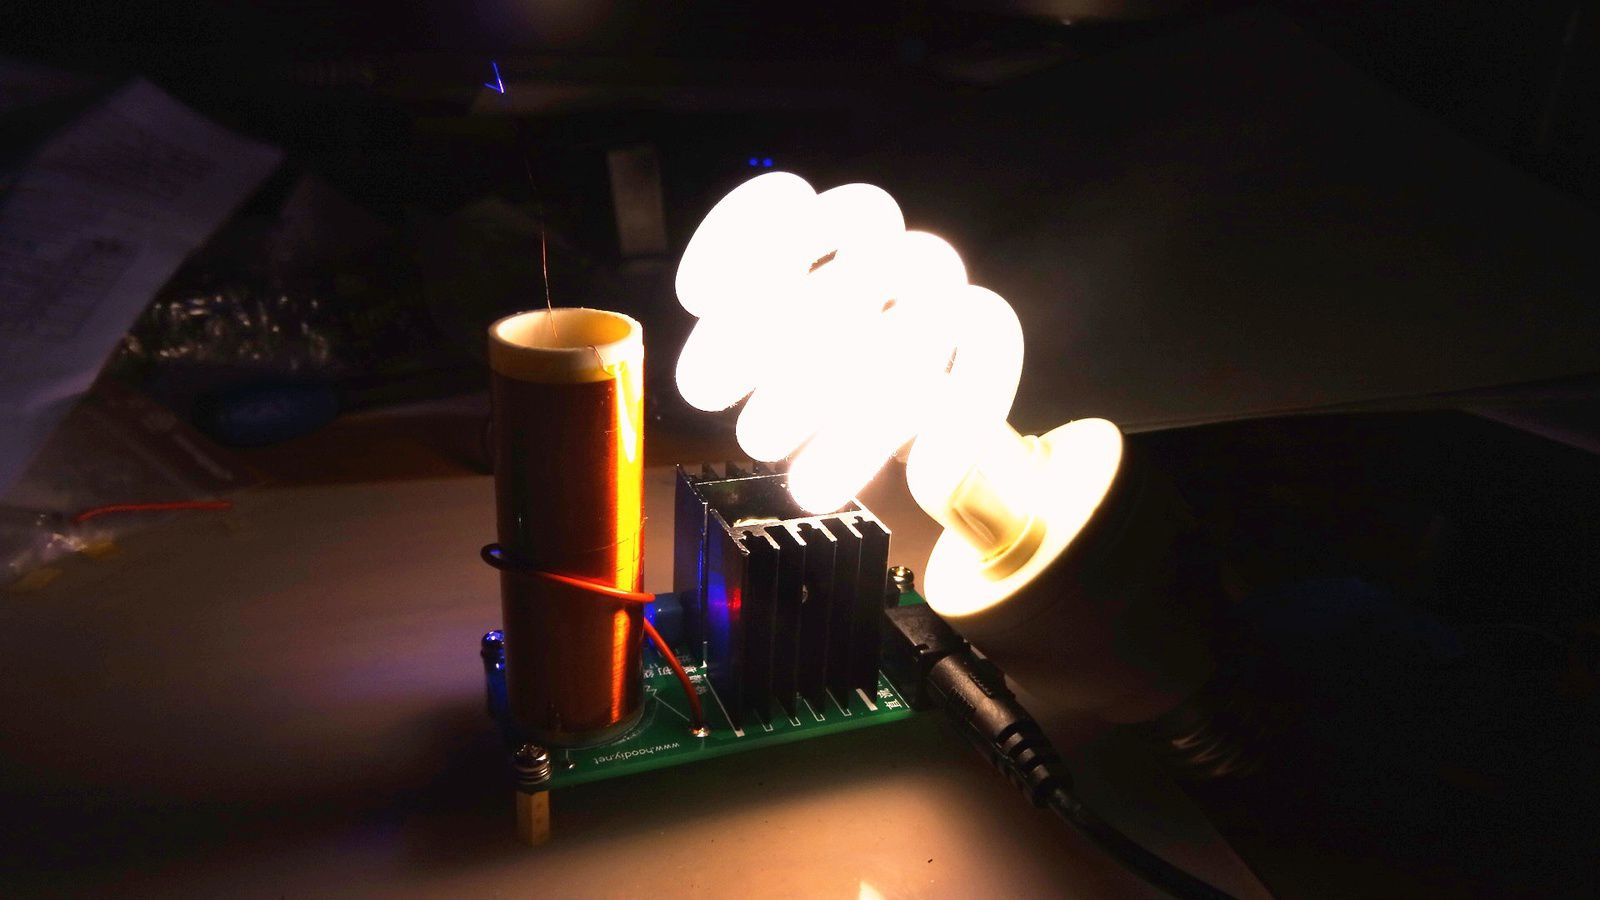 C'est vraiment bluffant avec différentes lampes CFL